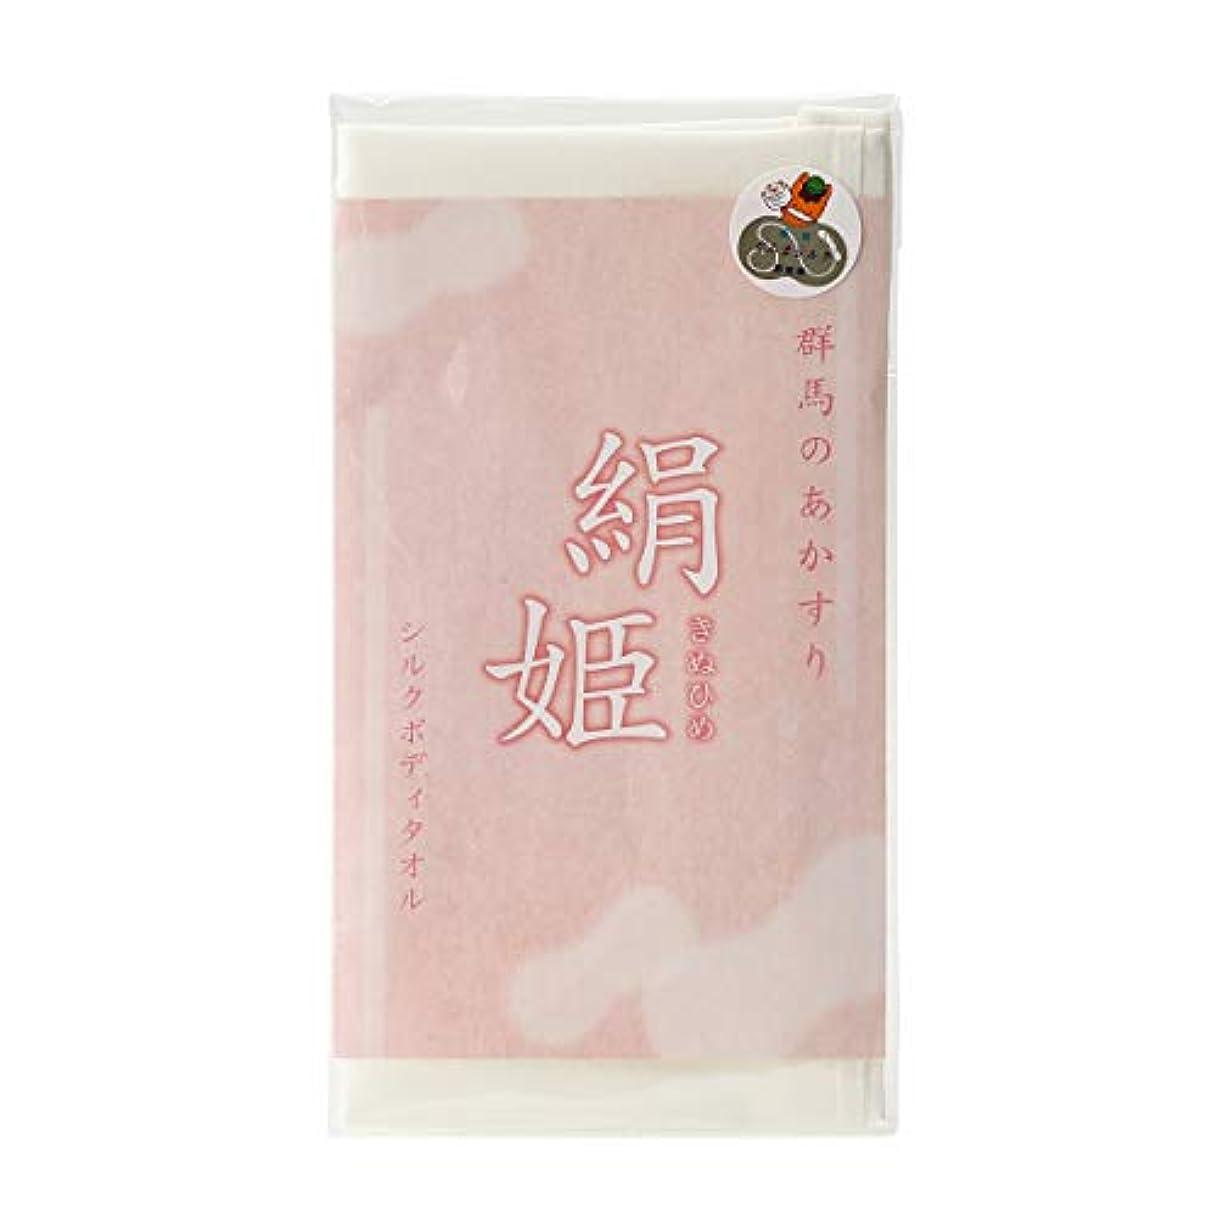 [ハッピーシルク ] 絹姫 (きぬひめ) ボディータオル シルクあかすり 00245